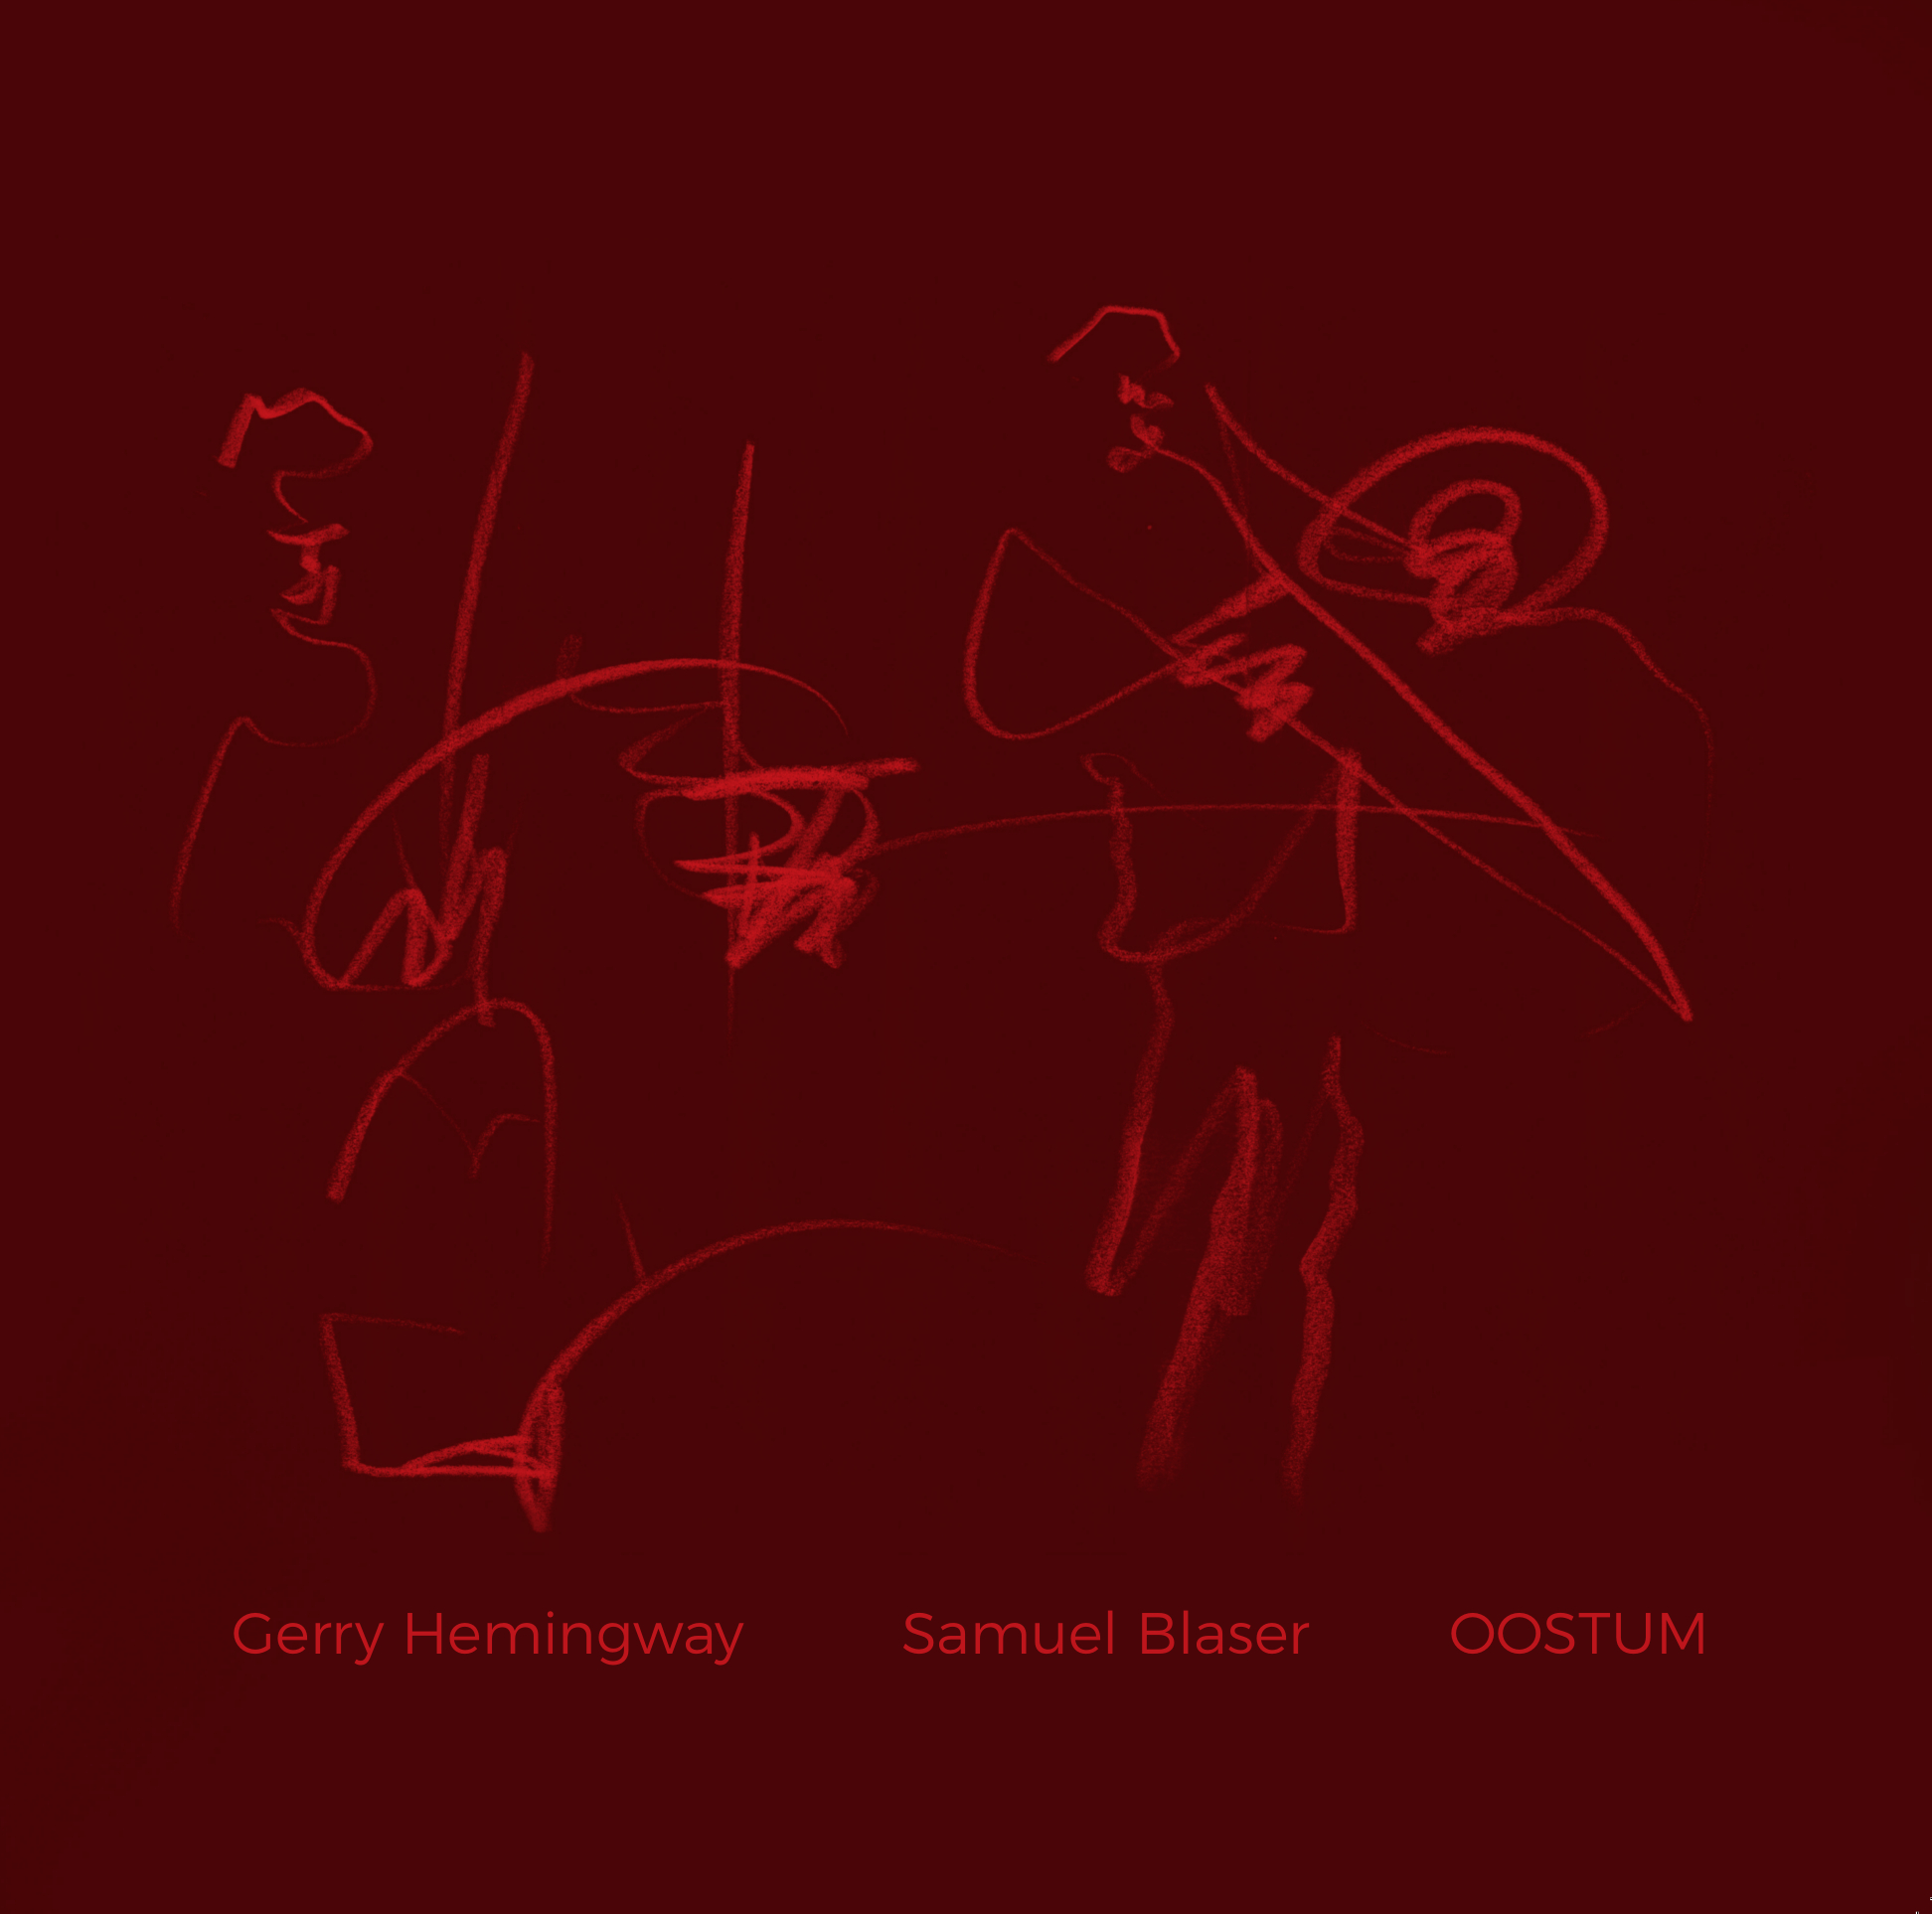 SAMUEL BLASER / GERRY HEMINGWAY   OOSTUM (2018)   BUY LP:    €24.00   I  BUY M4a:    €10.00